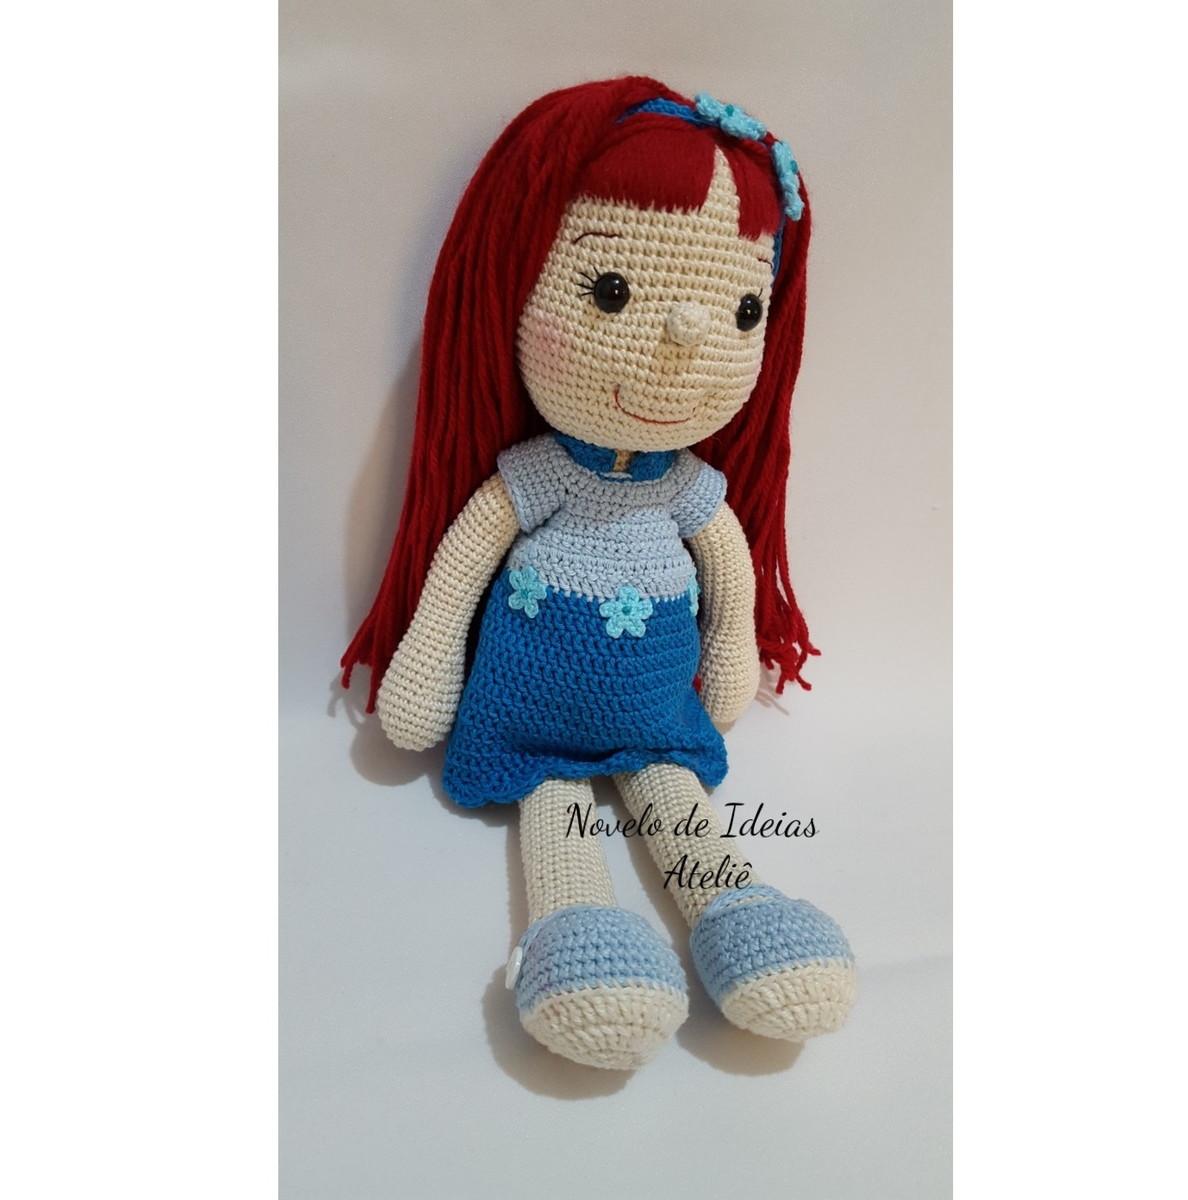 Boneca Amigurumi De Croche, Artesanato, Brinquedo - R$ 139,90 em ... | 1200x1188